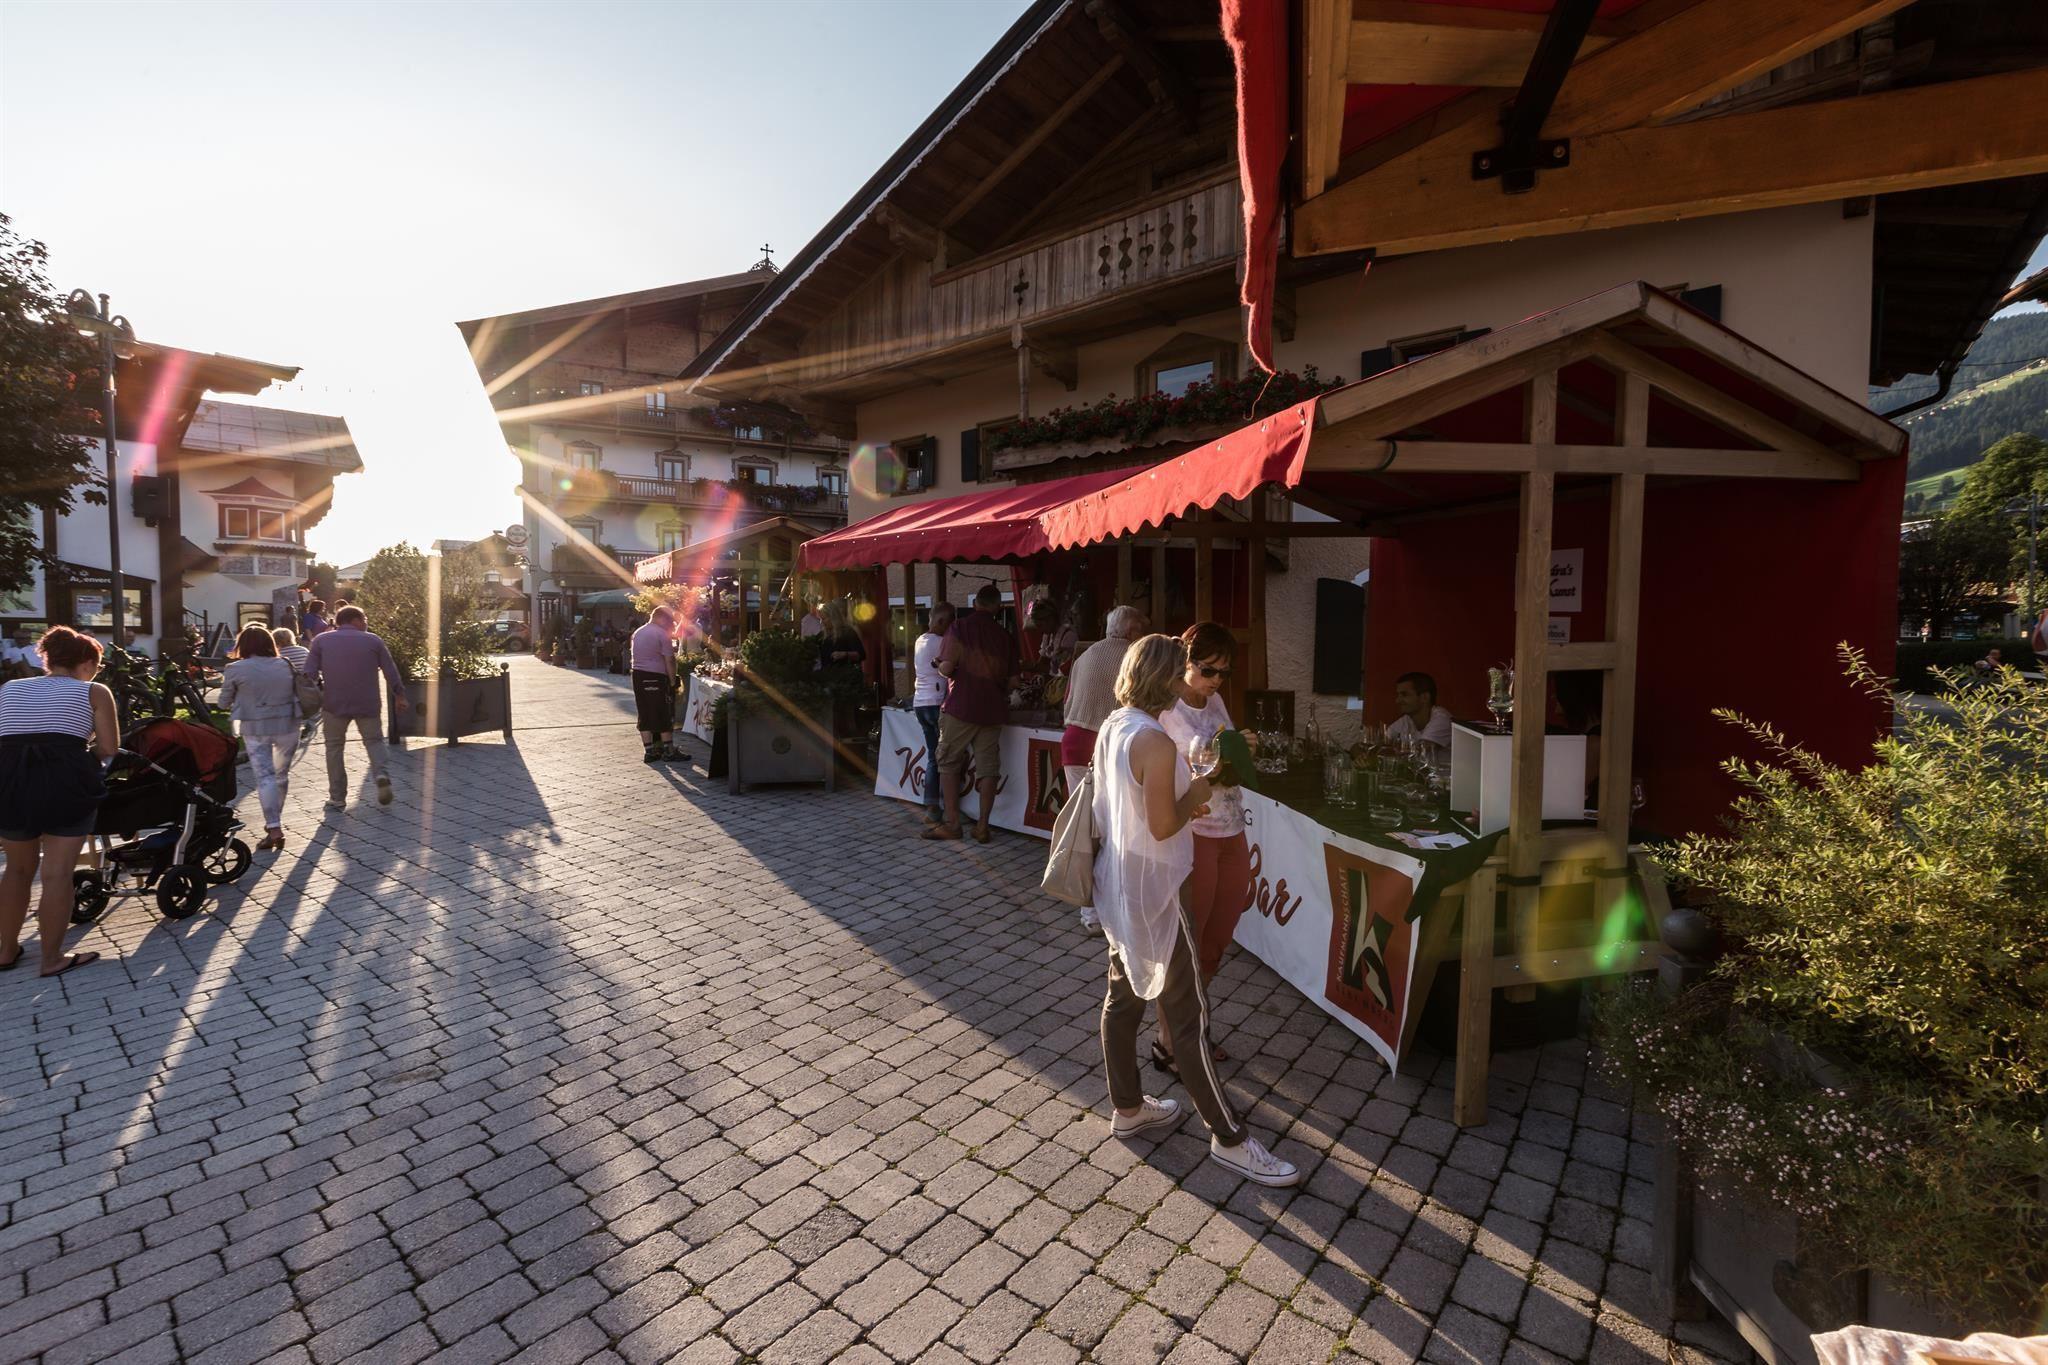 Kirchberg in Tirol - 14 Oktober 2020 | autogenitrening.com